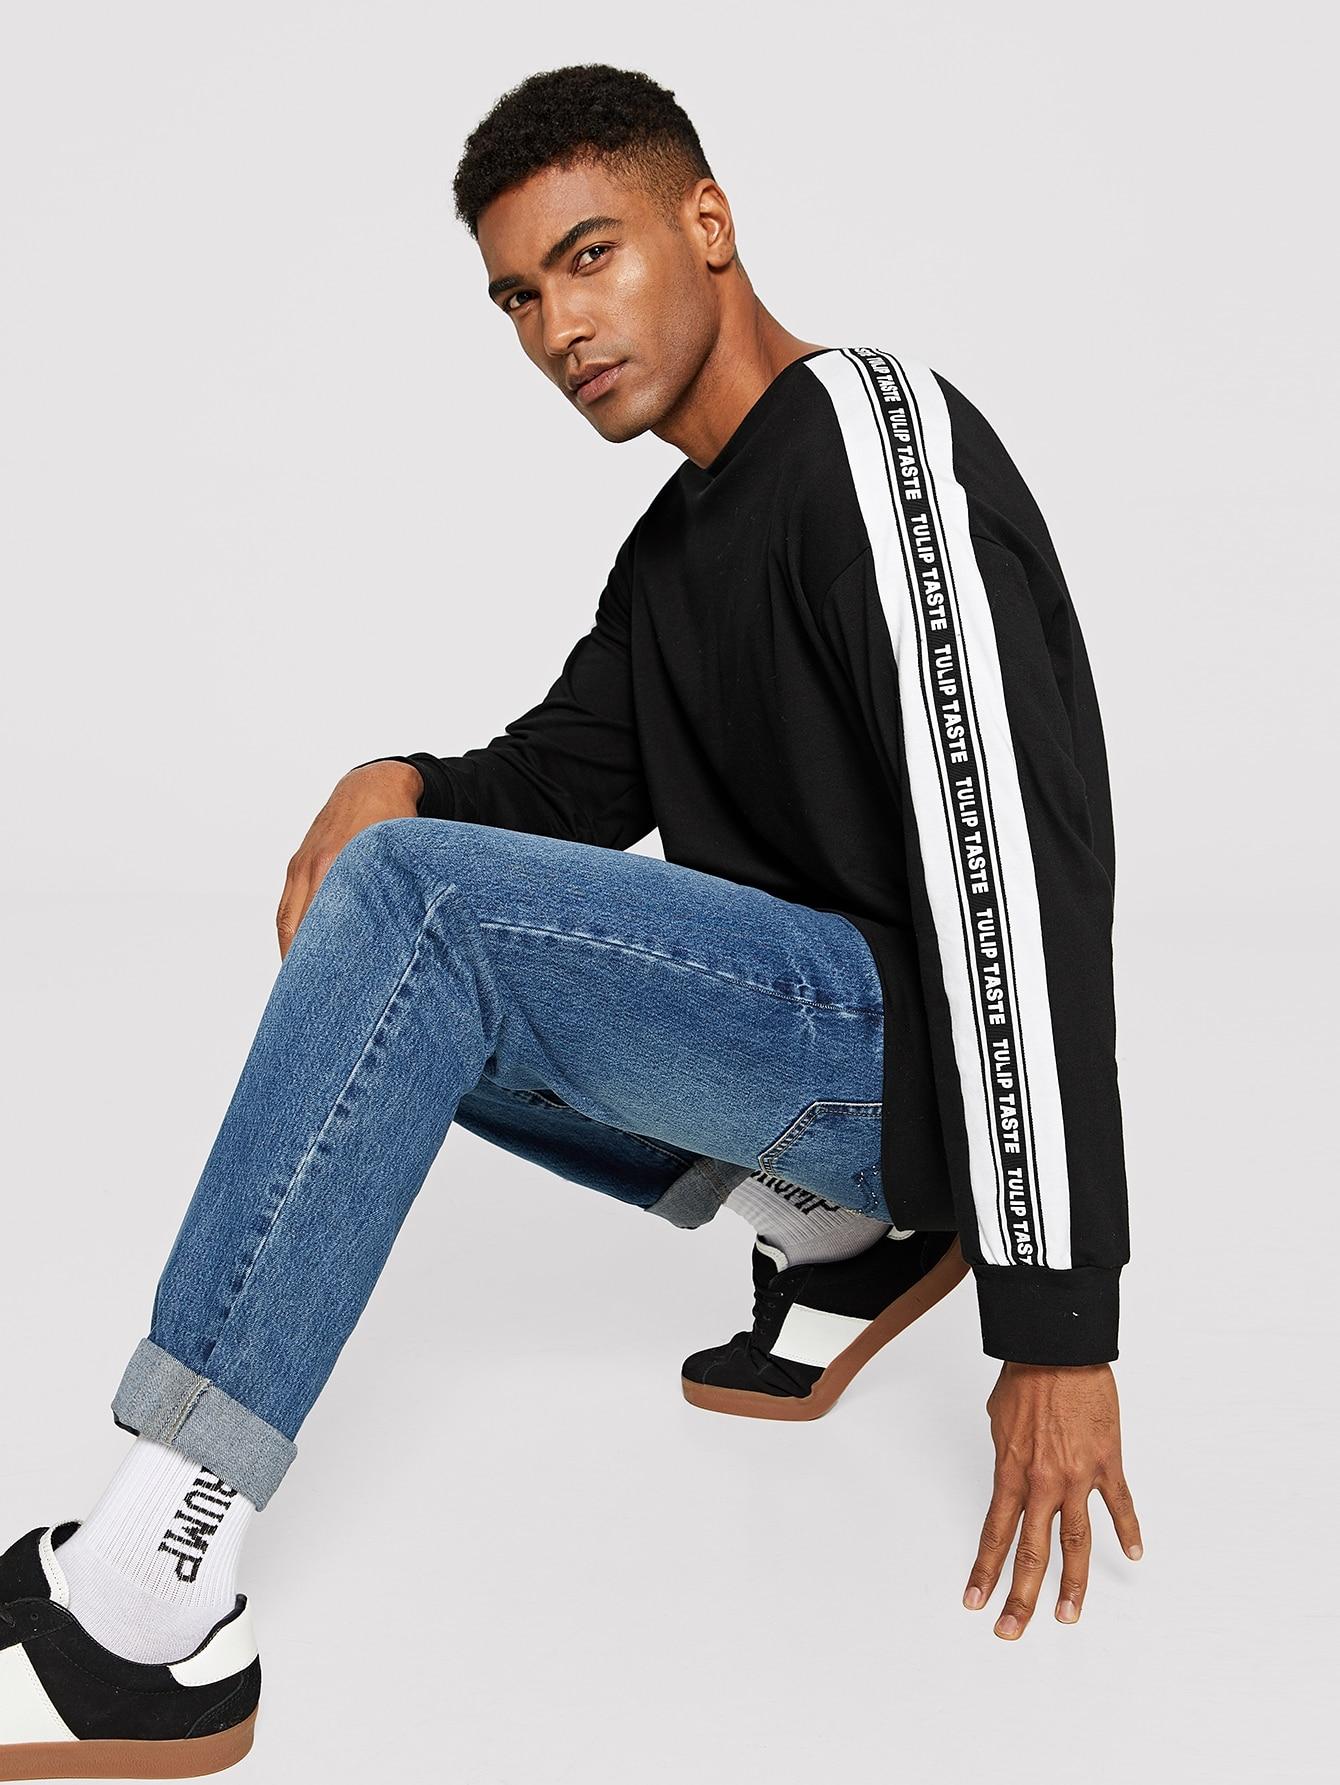 Купить Мужский пуловер с заниженной линией плеч, Johnn Silva, SheIn